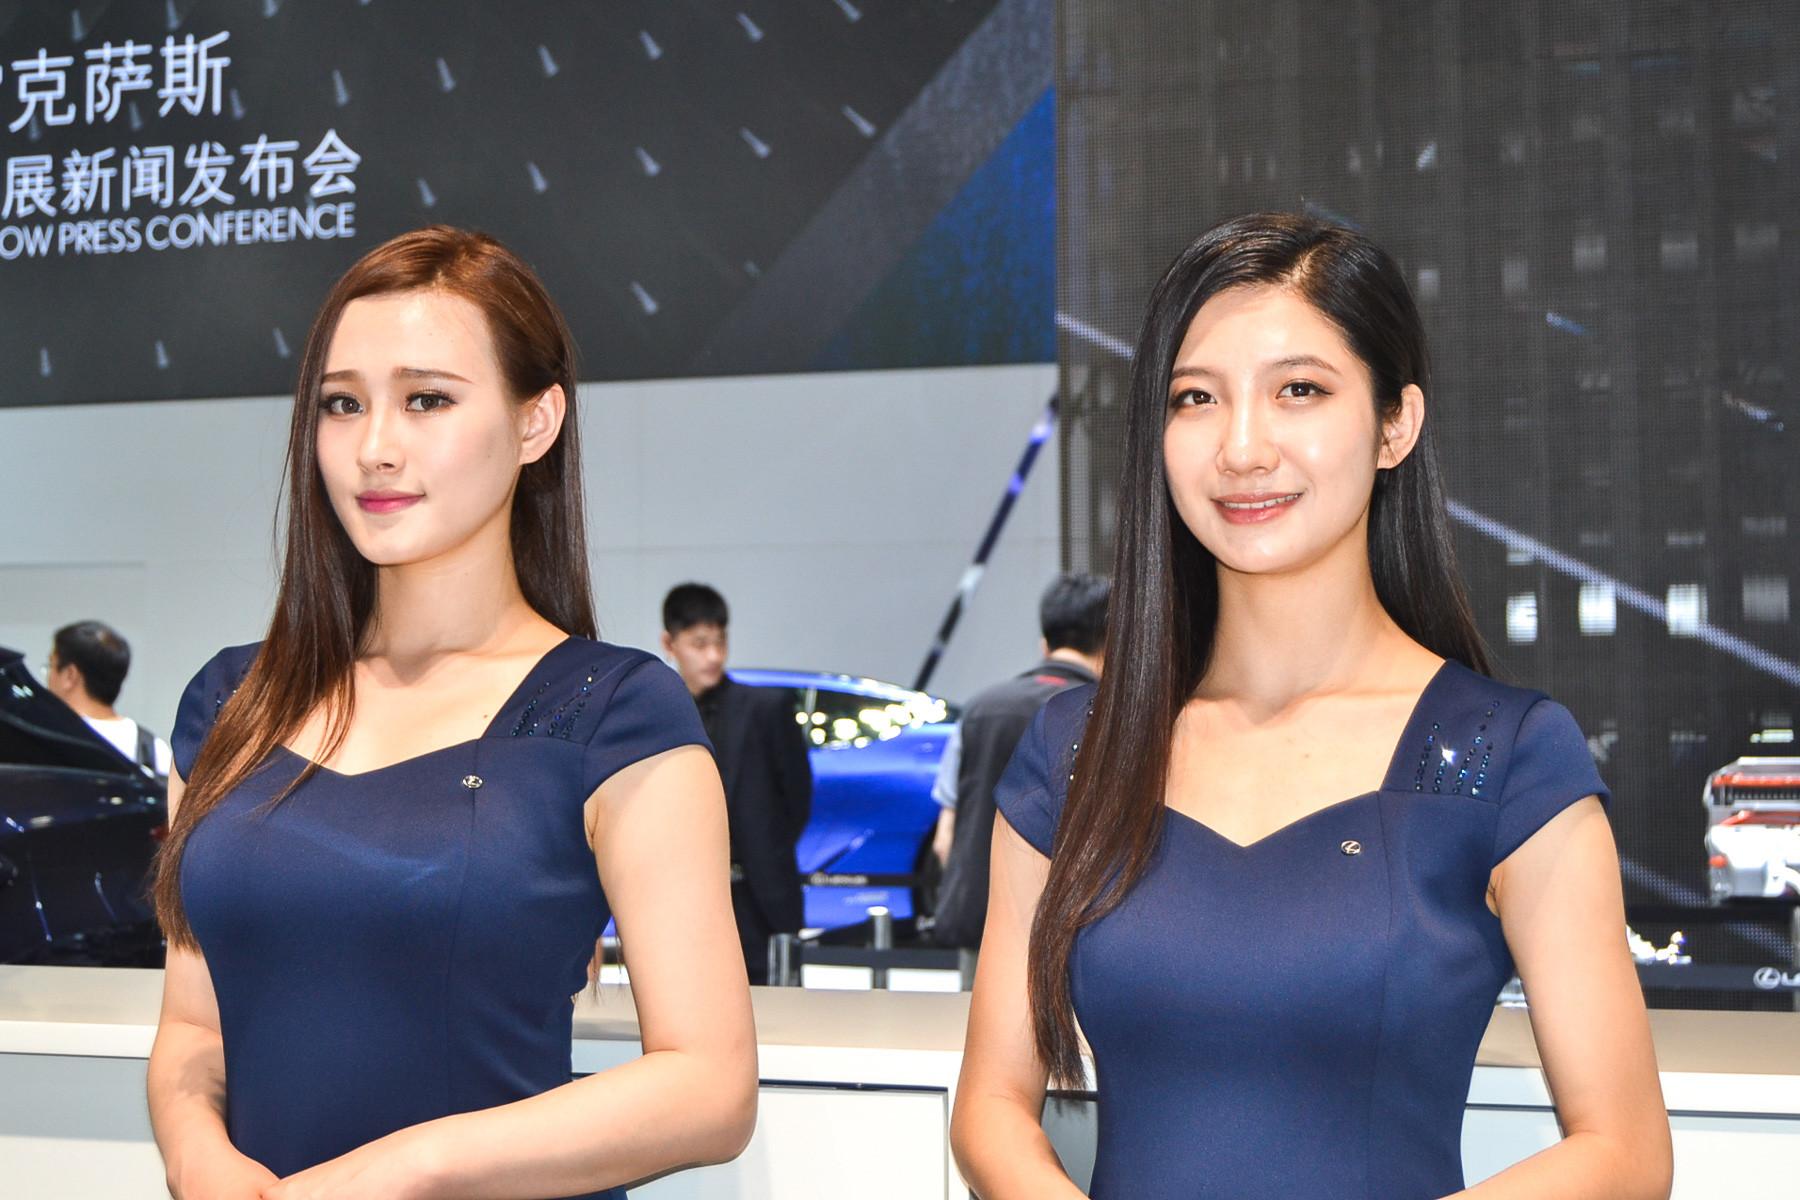 Автошоу в Пекине: место встречи красивейших автоледи 3